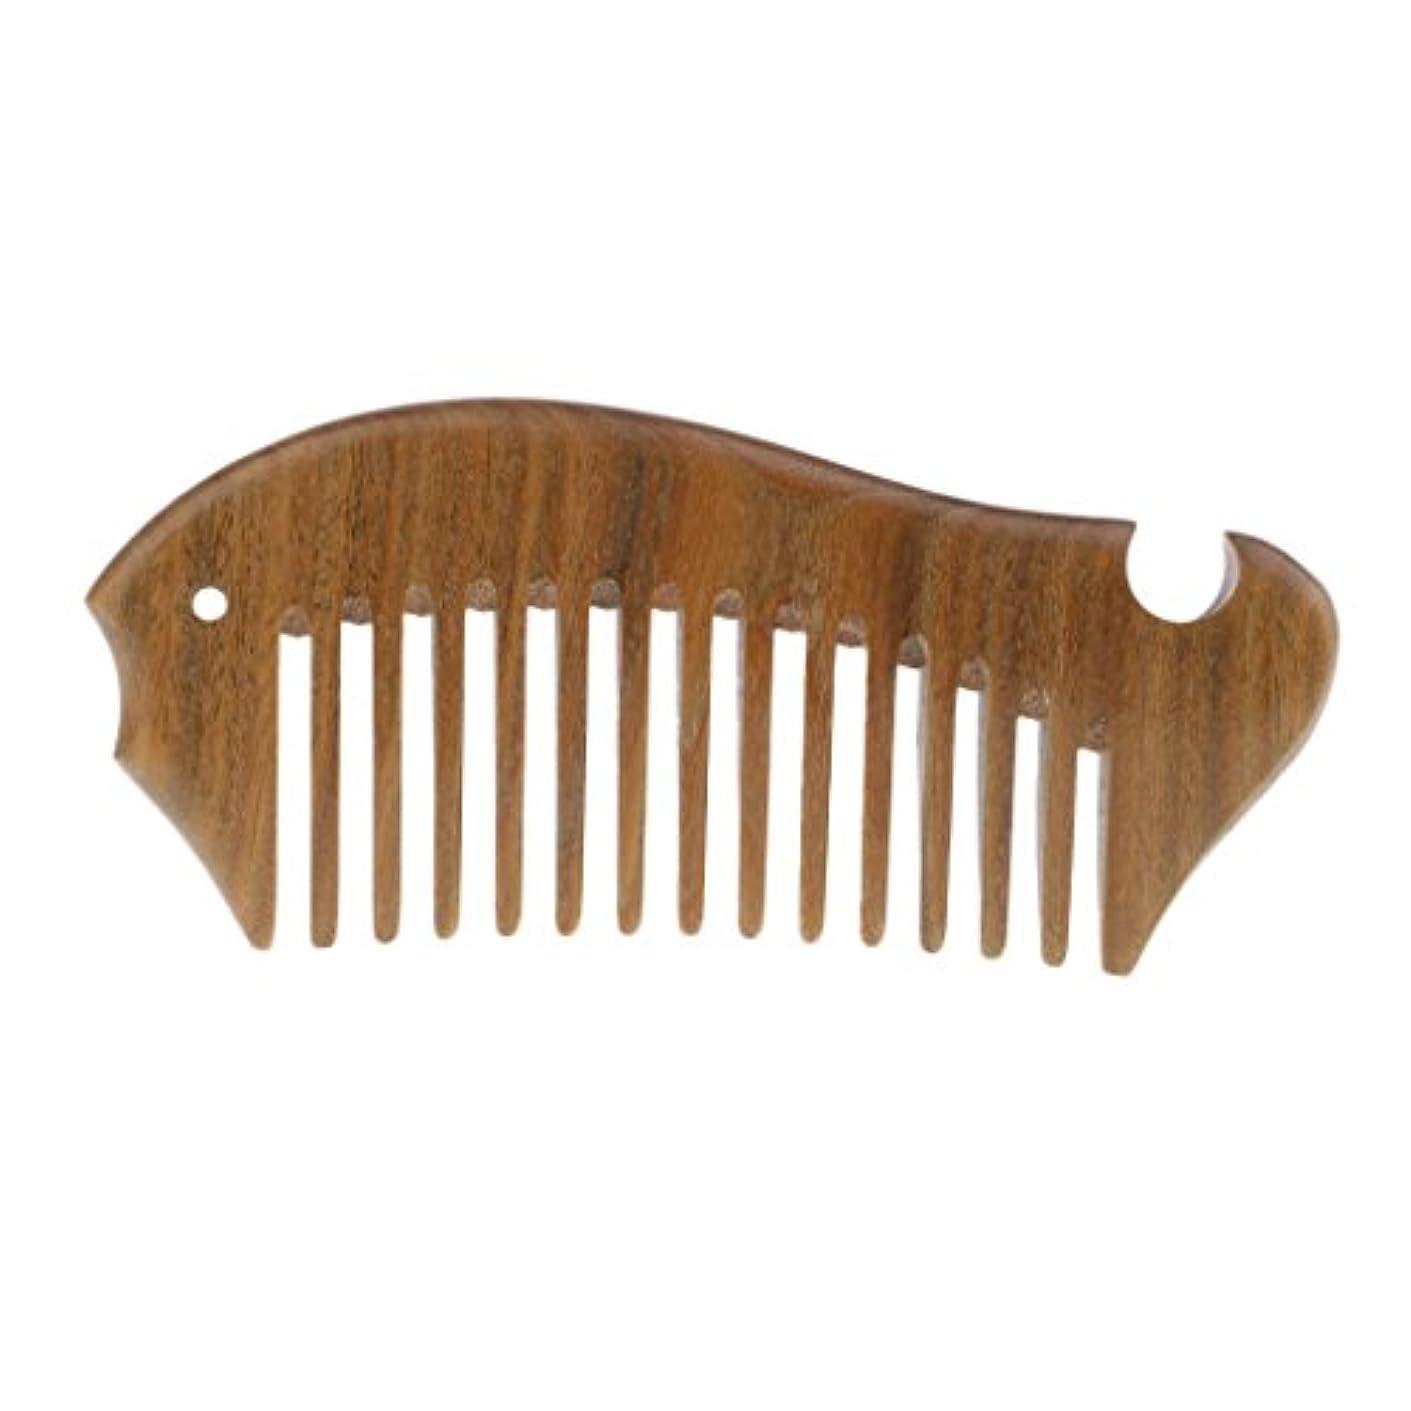 前置詞興奮器具木製櫛 帯電防止櫛 ヘアコーム 頭皮 ケア マッサージ